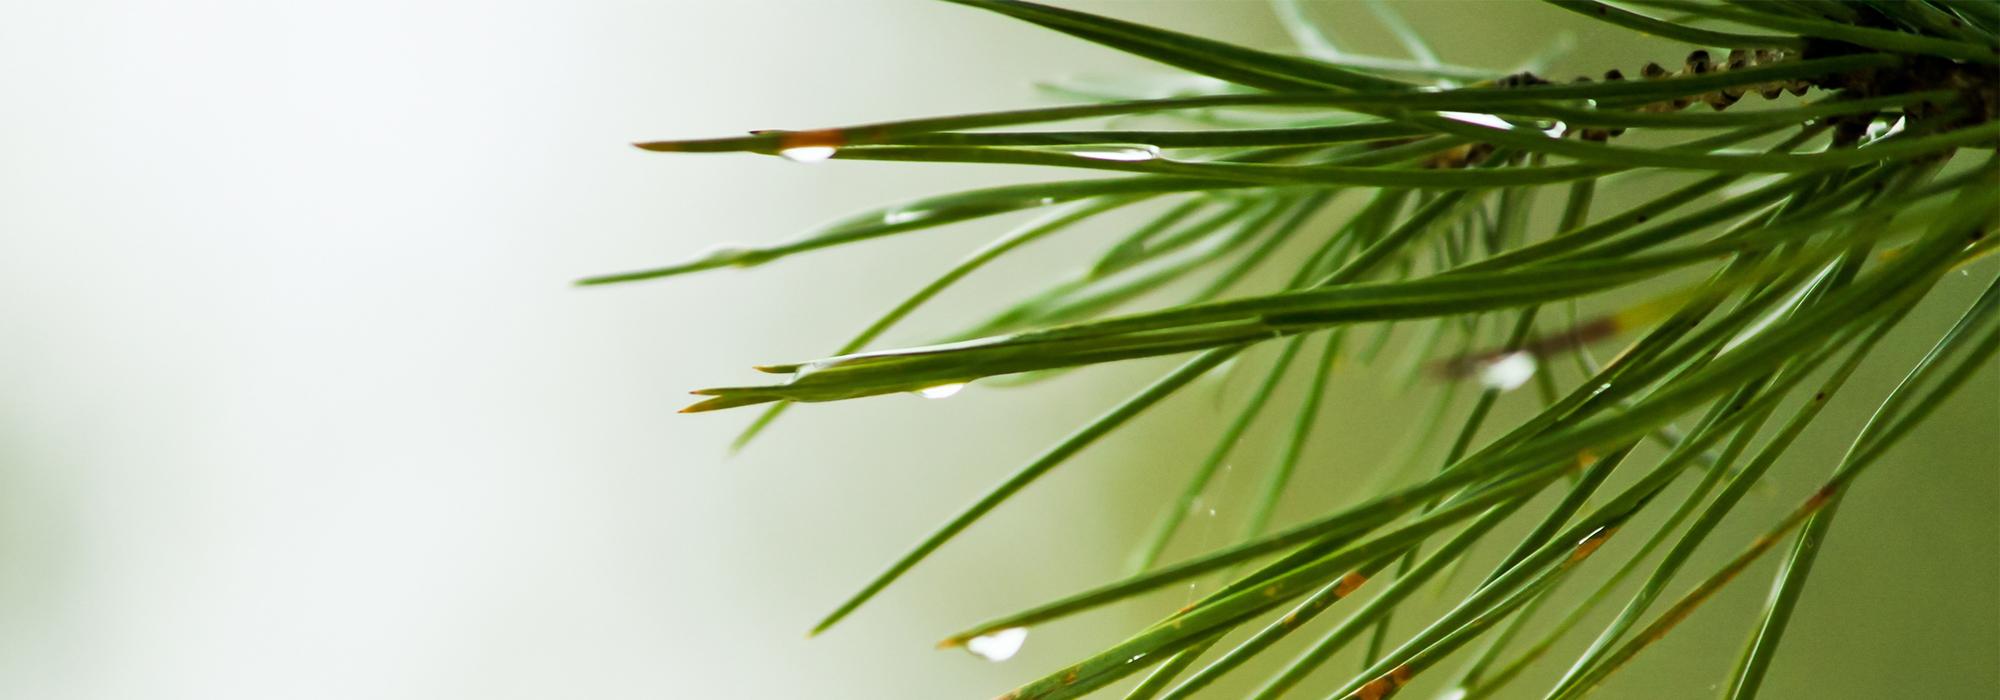 SLIDE3-pine